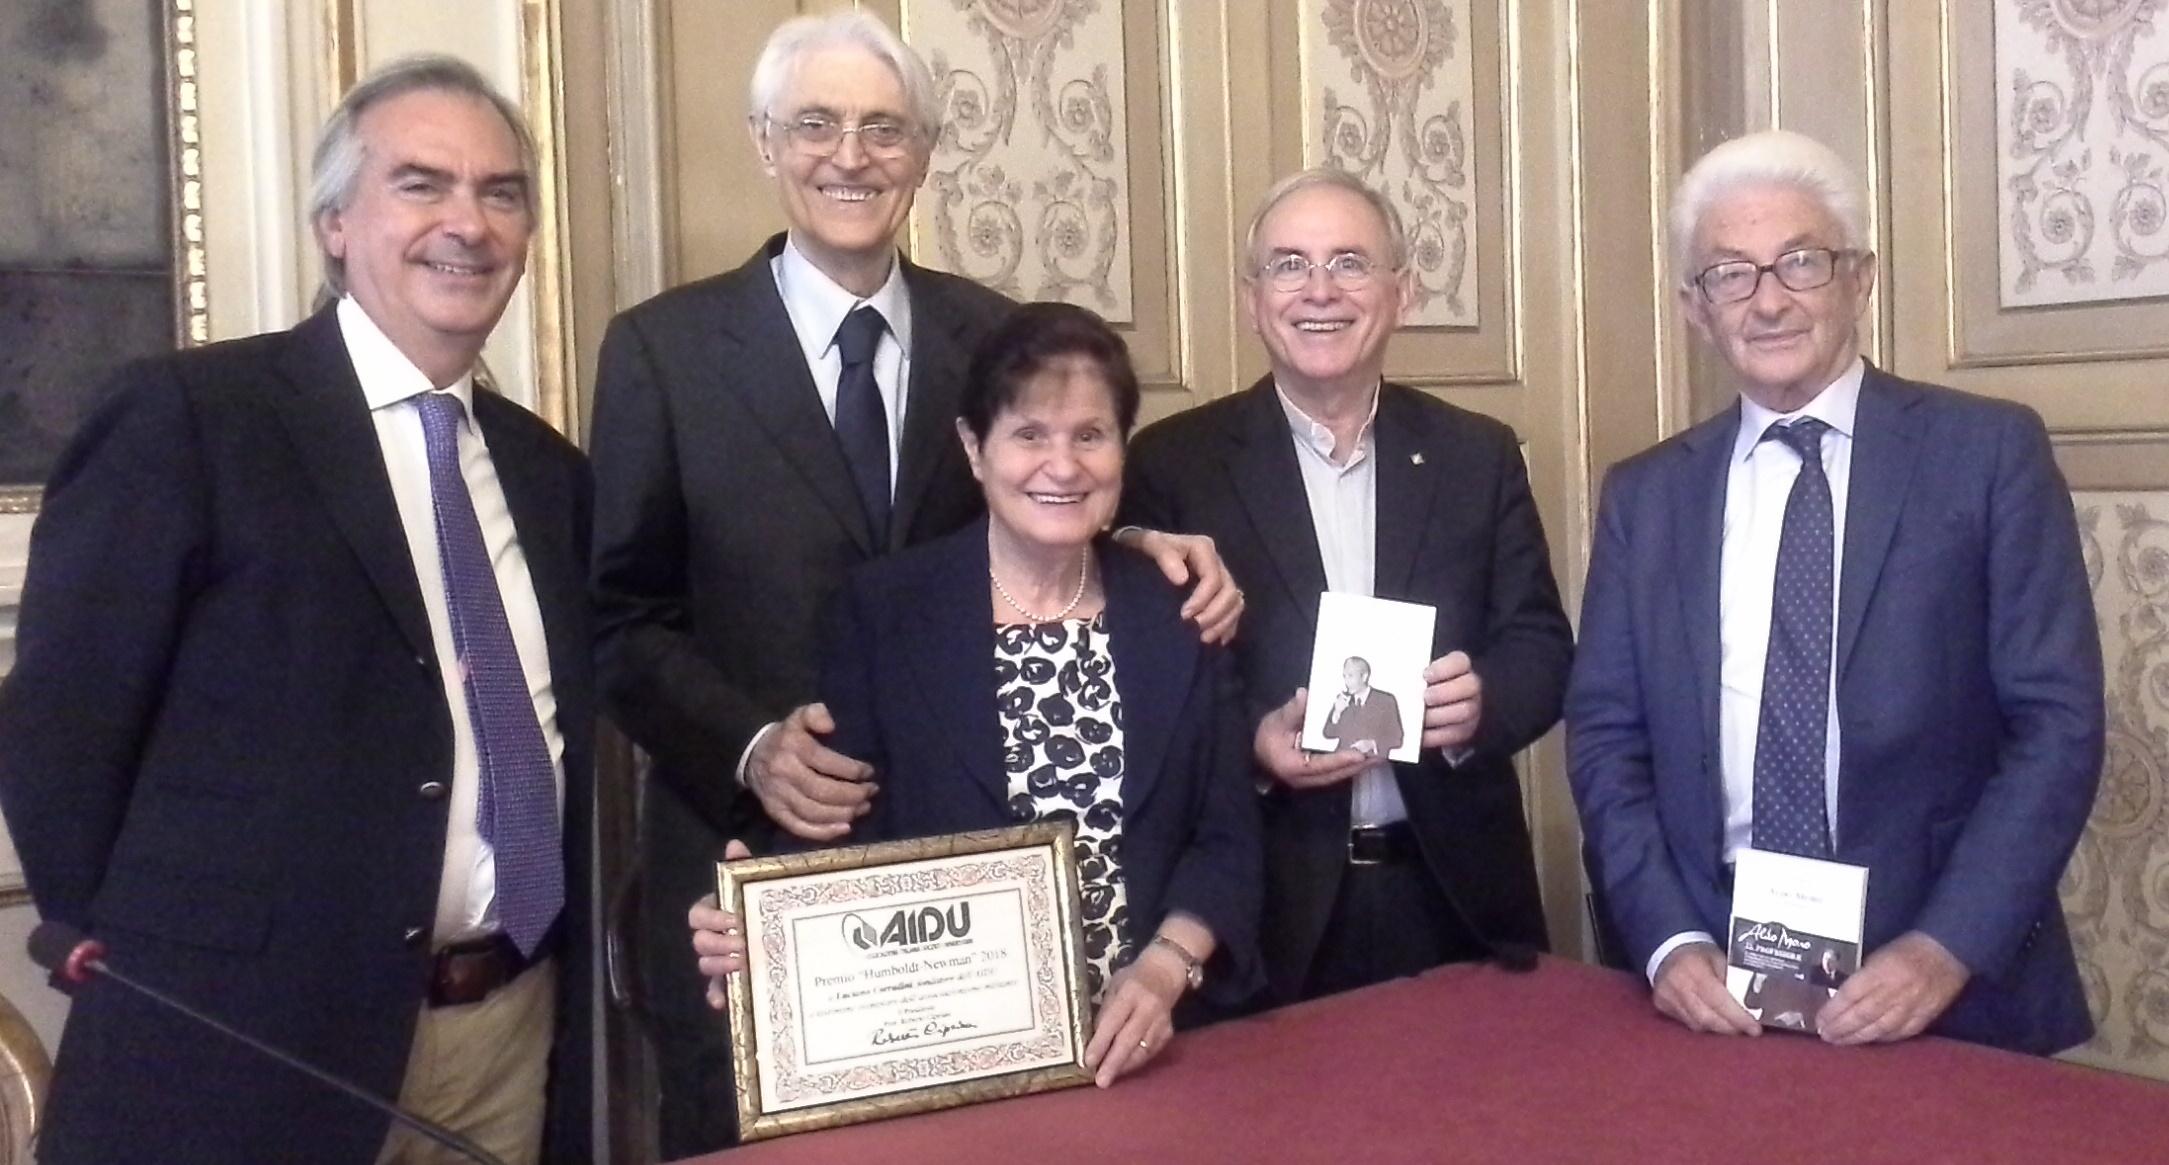 AIDU Convegno Nazionale, Napoli 19.10.2018